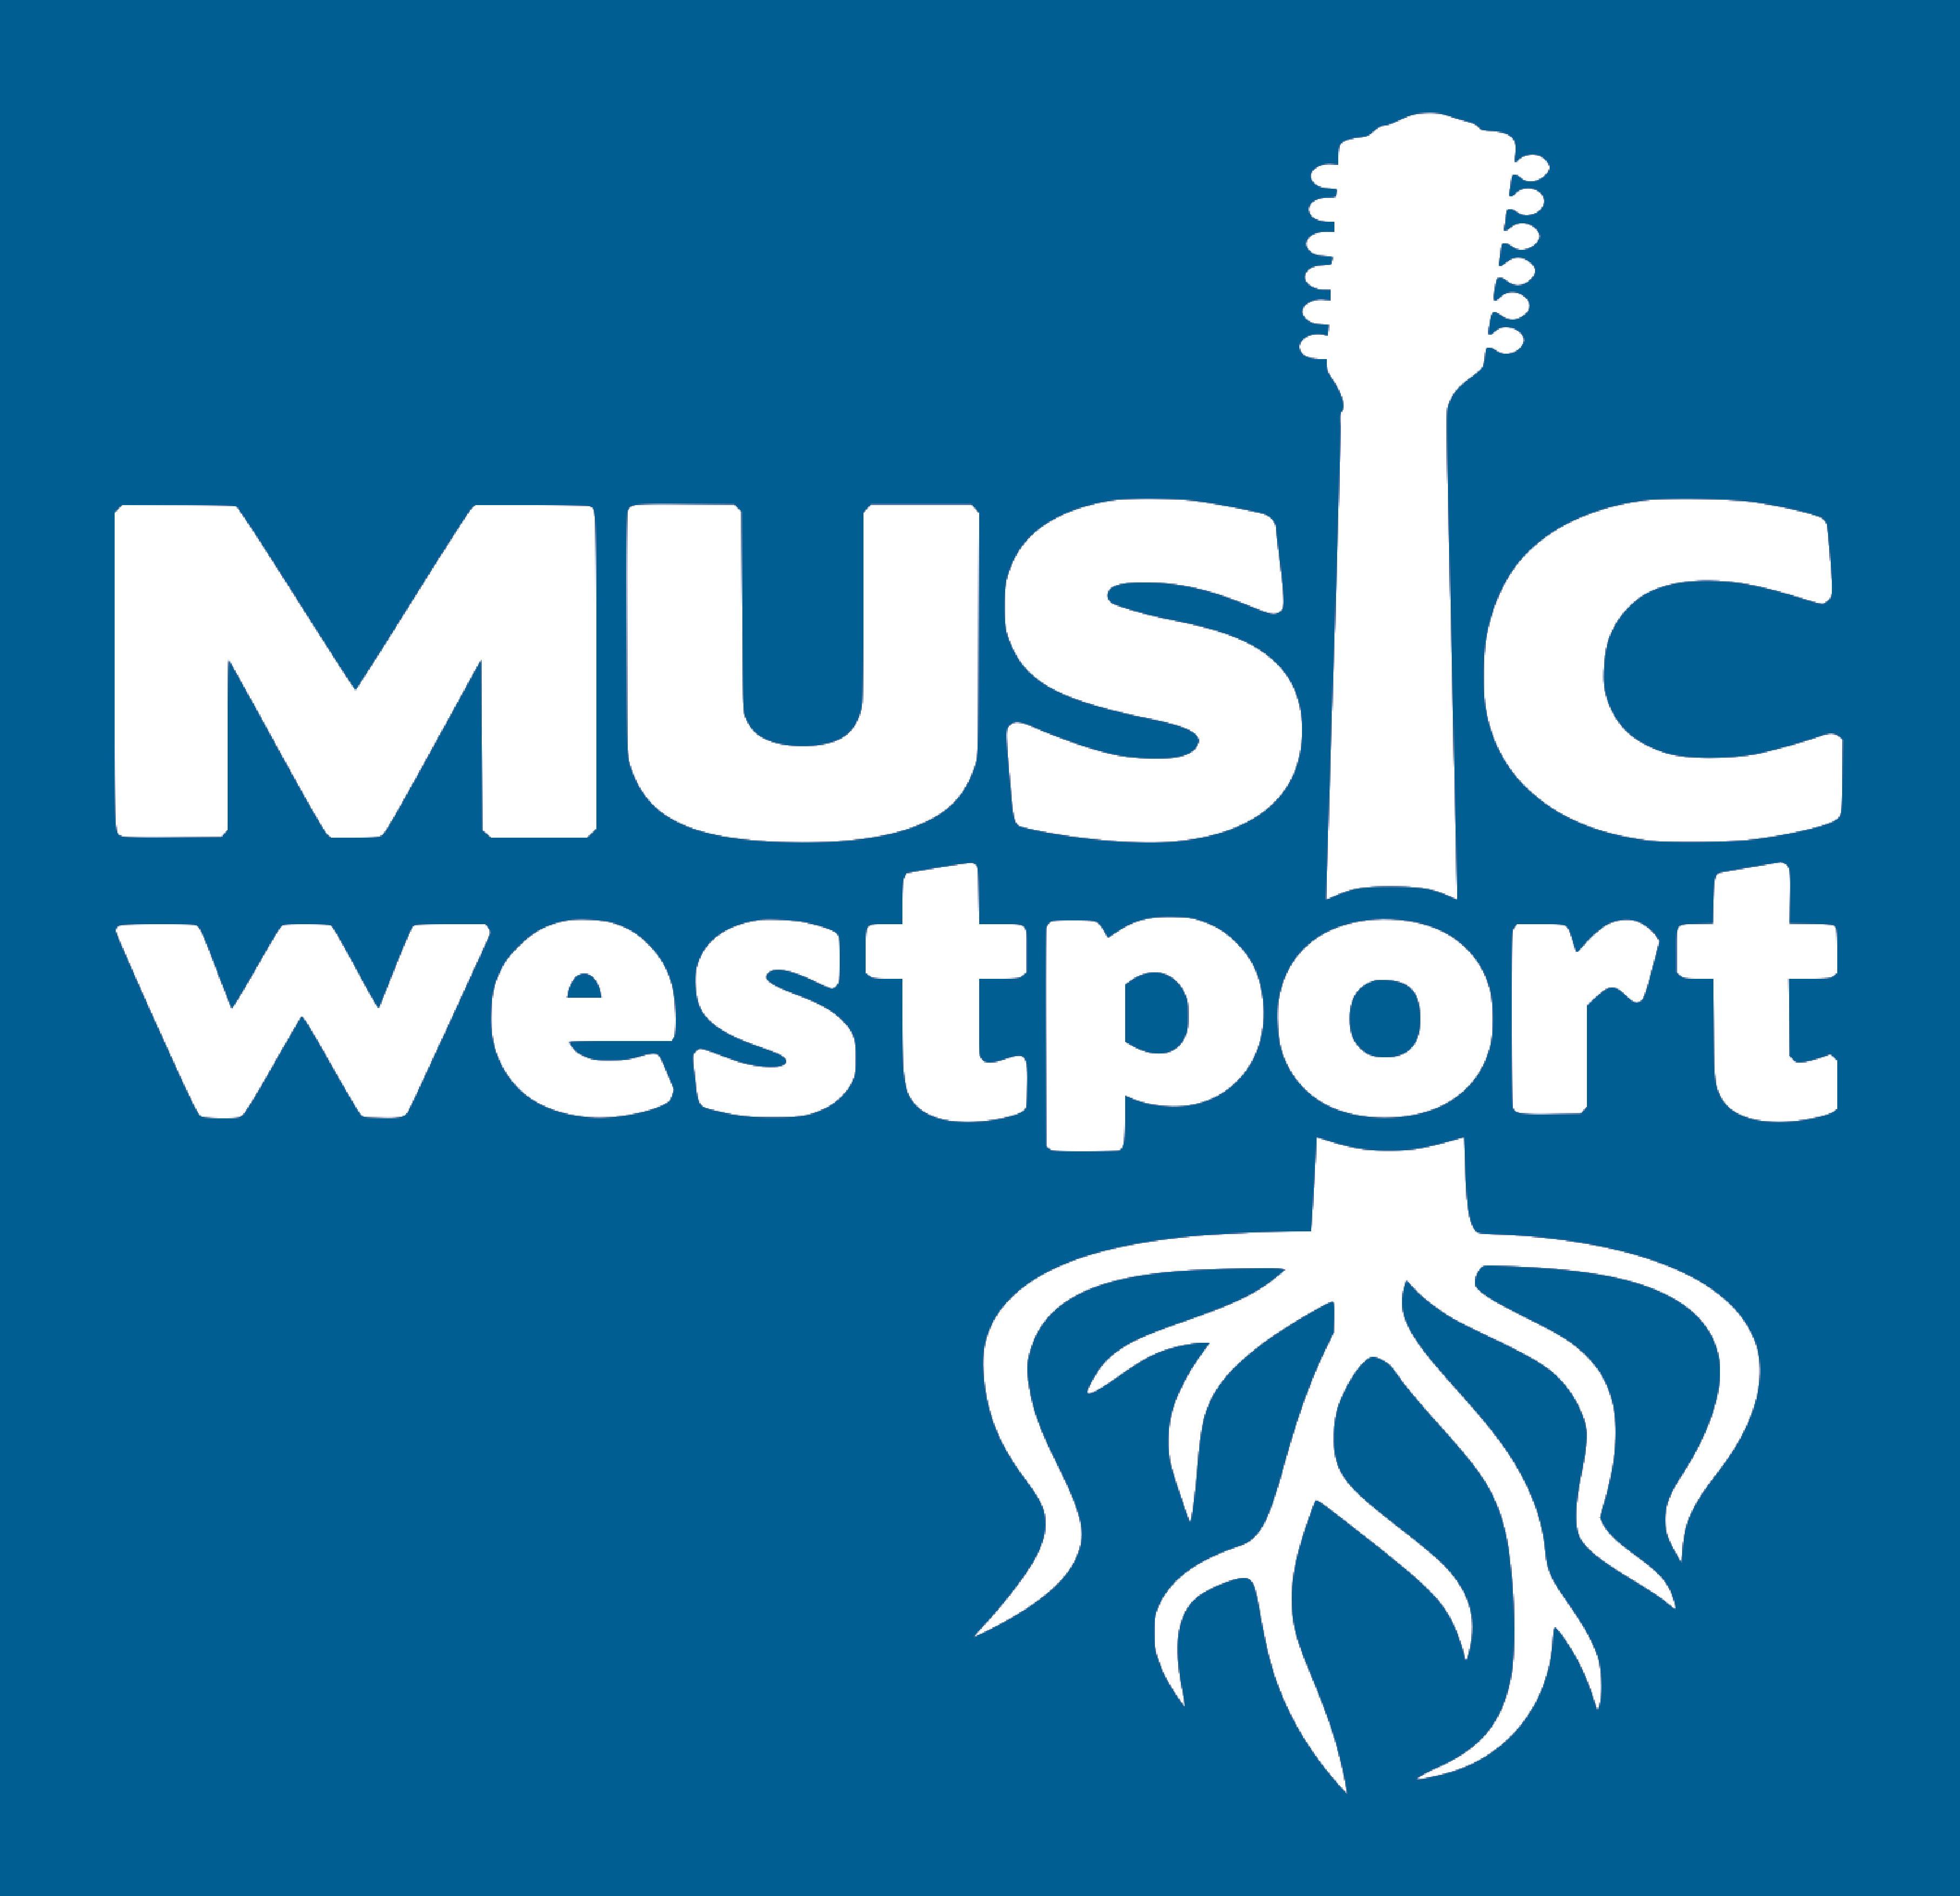 Westport Arts Council | Get WAC\'d in Westport, Ontario